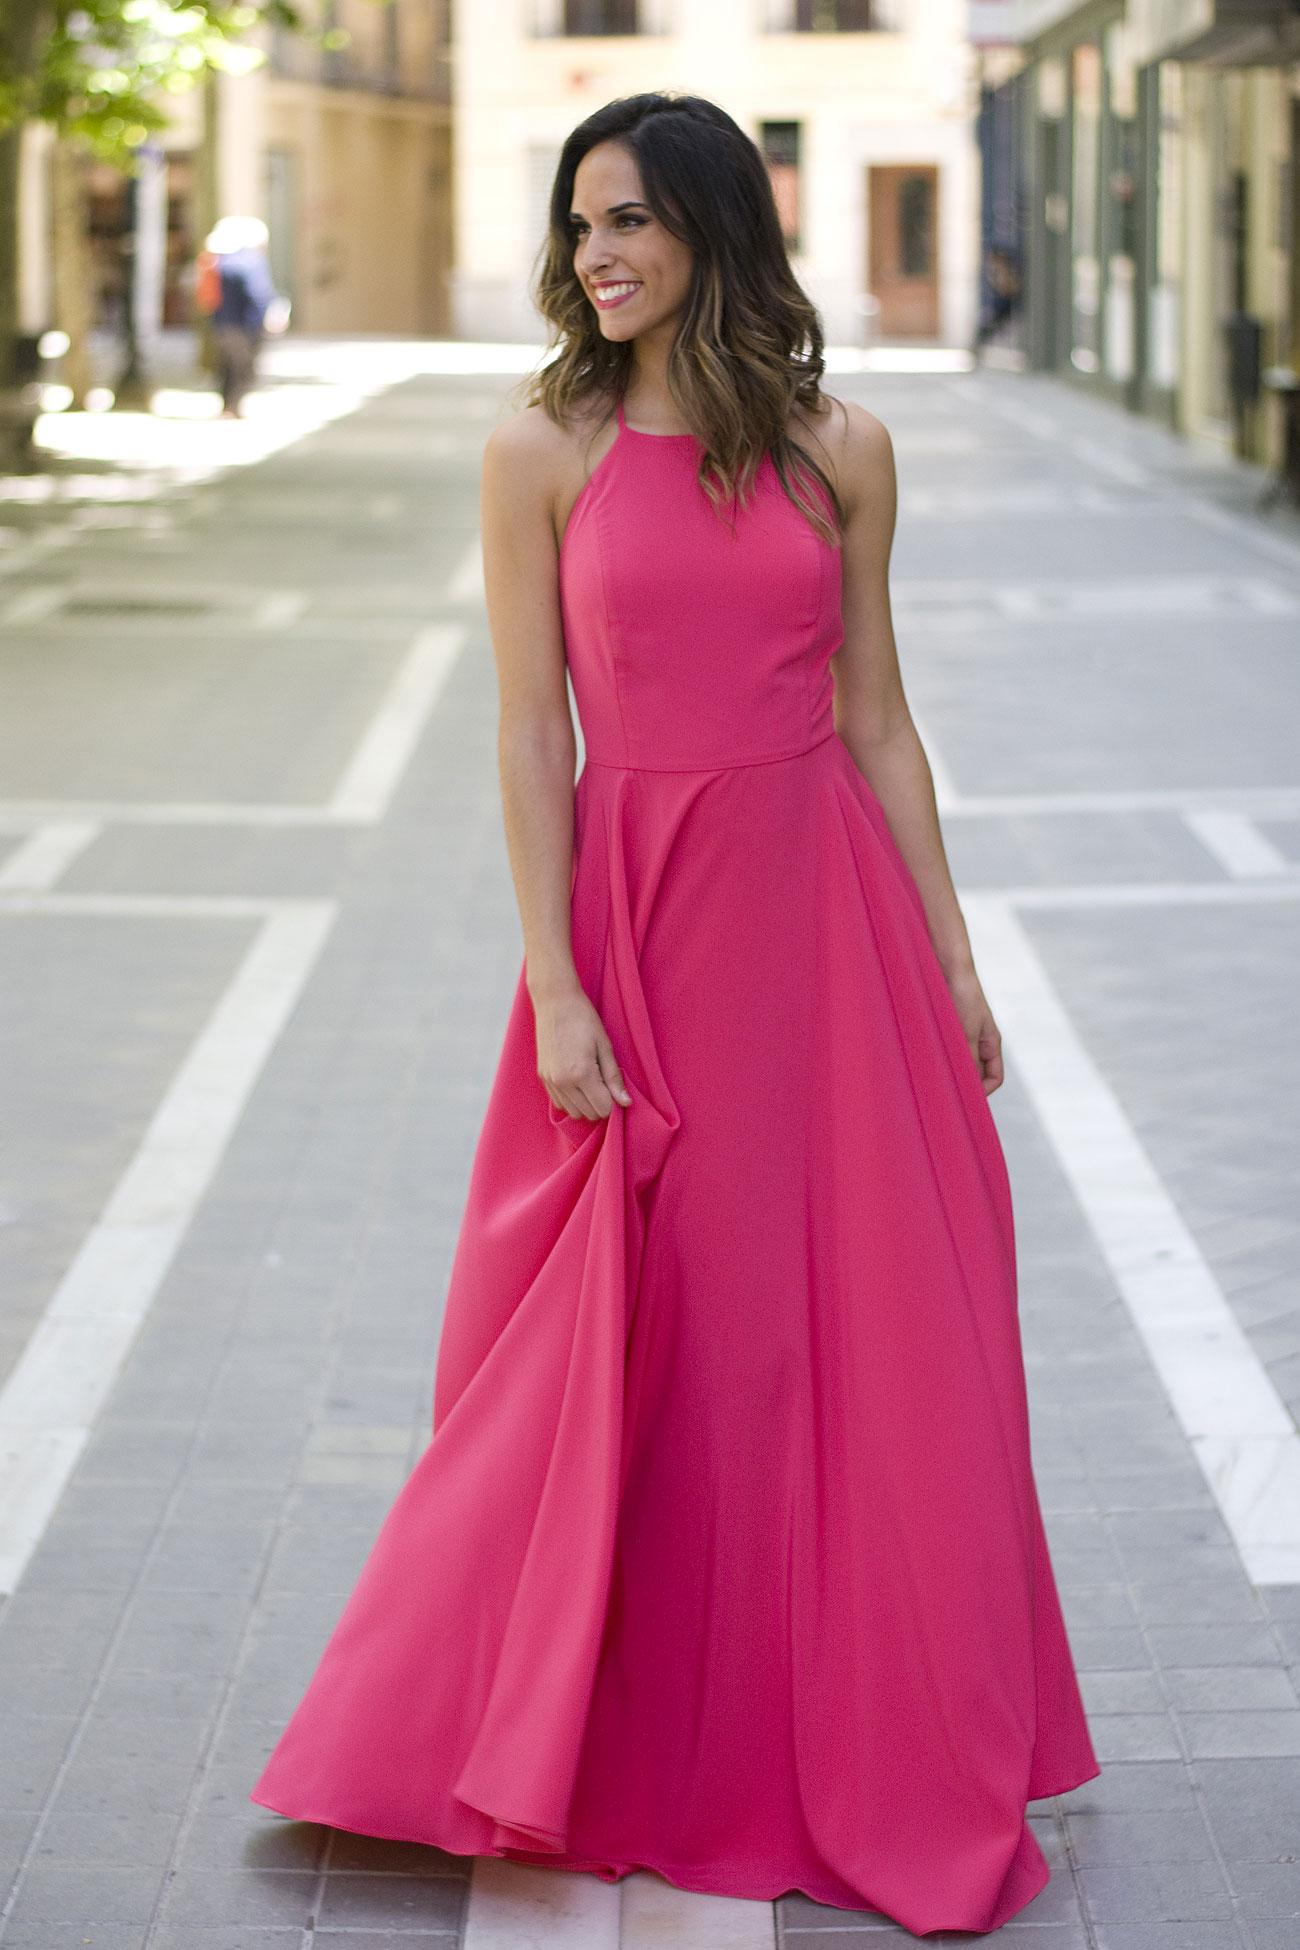 Duende - Vestidos de fiesta - Granada